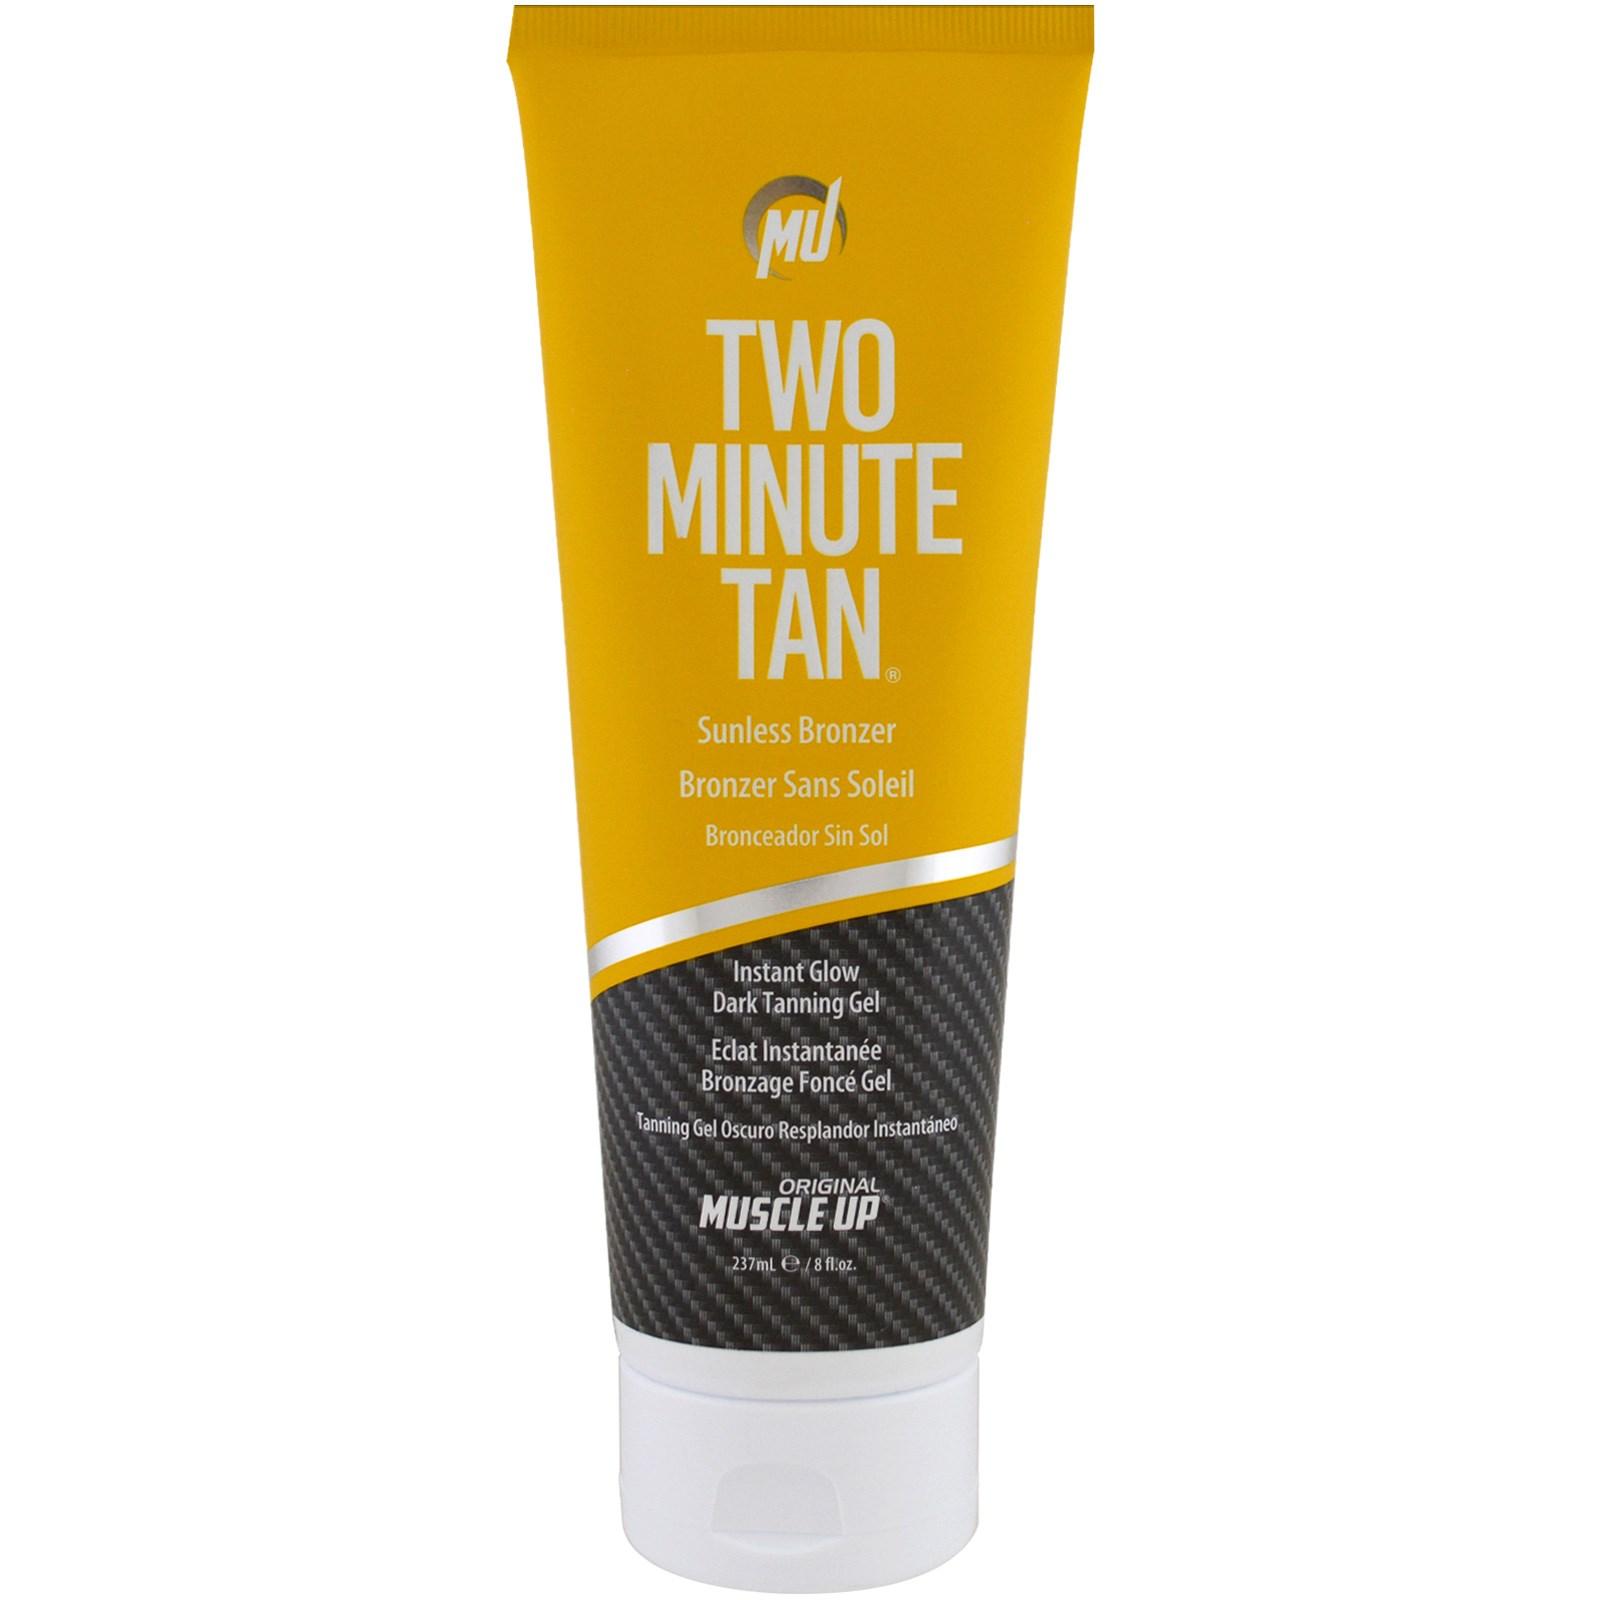 Pro Tan USA, Two Minute Tan, средство для автозагара без участия солнечных лучей, гель для интенсивного загара мгновенного действия, 2 этап, 237 мл (8 унций)